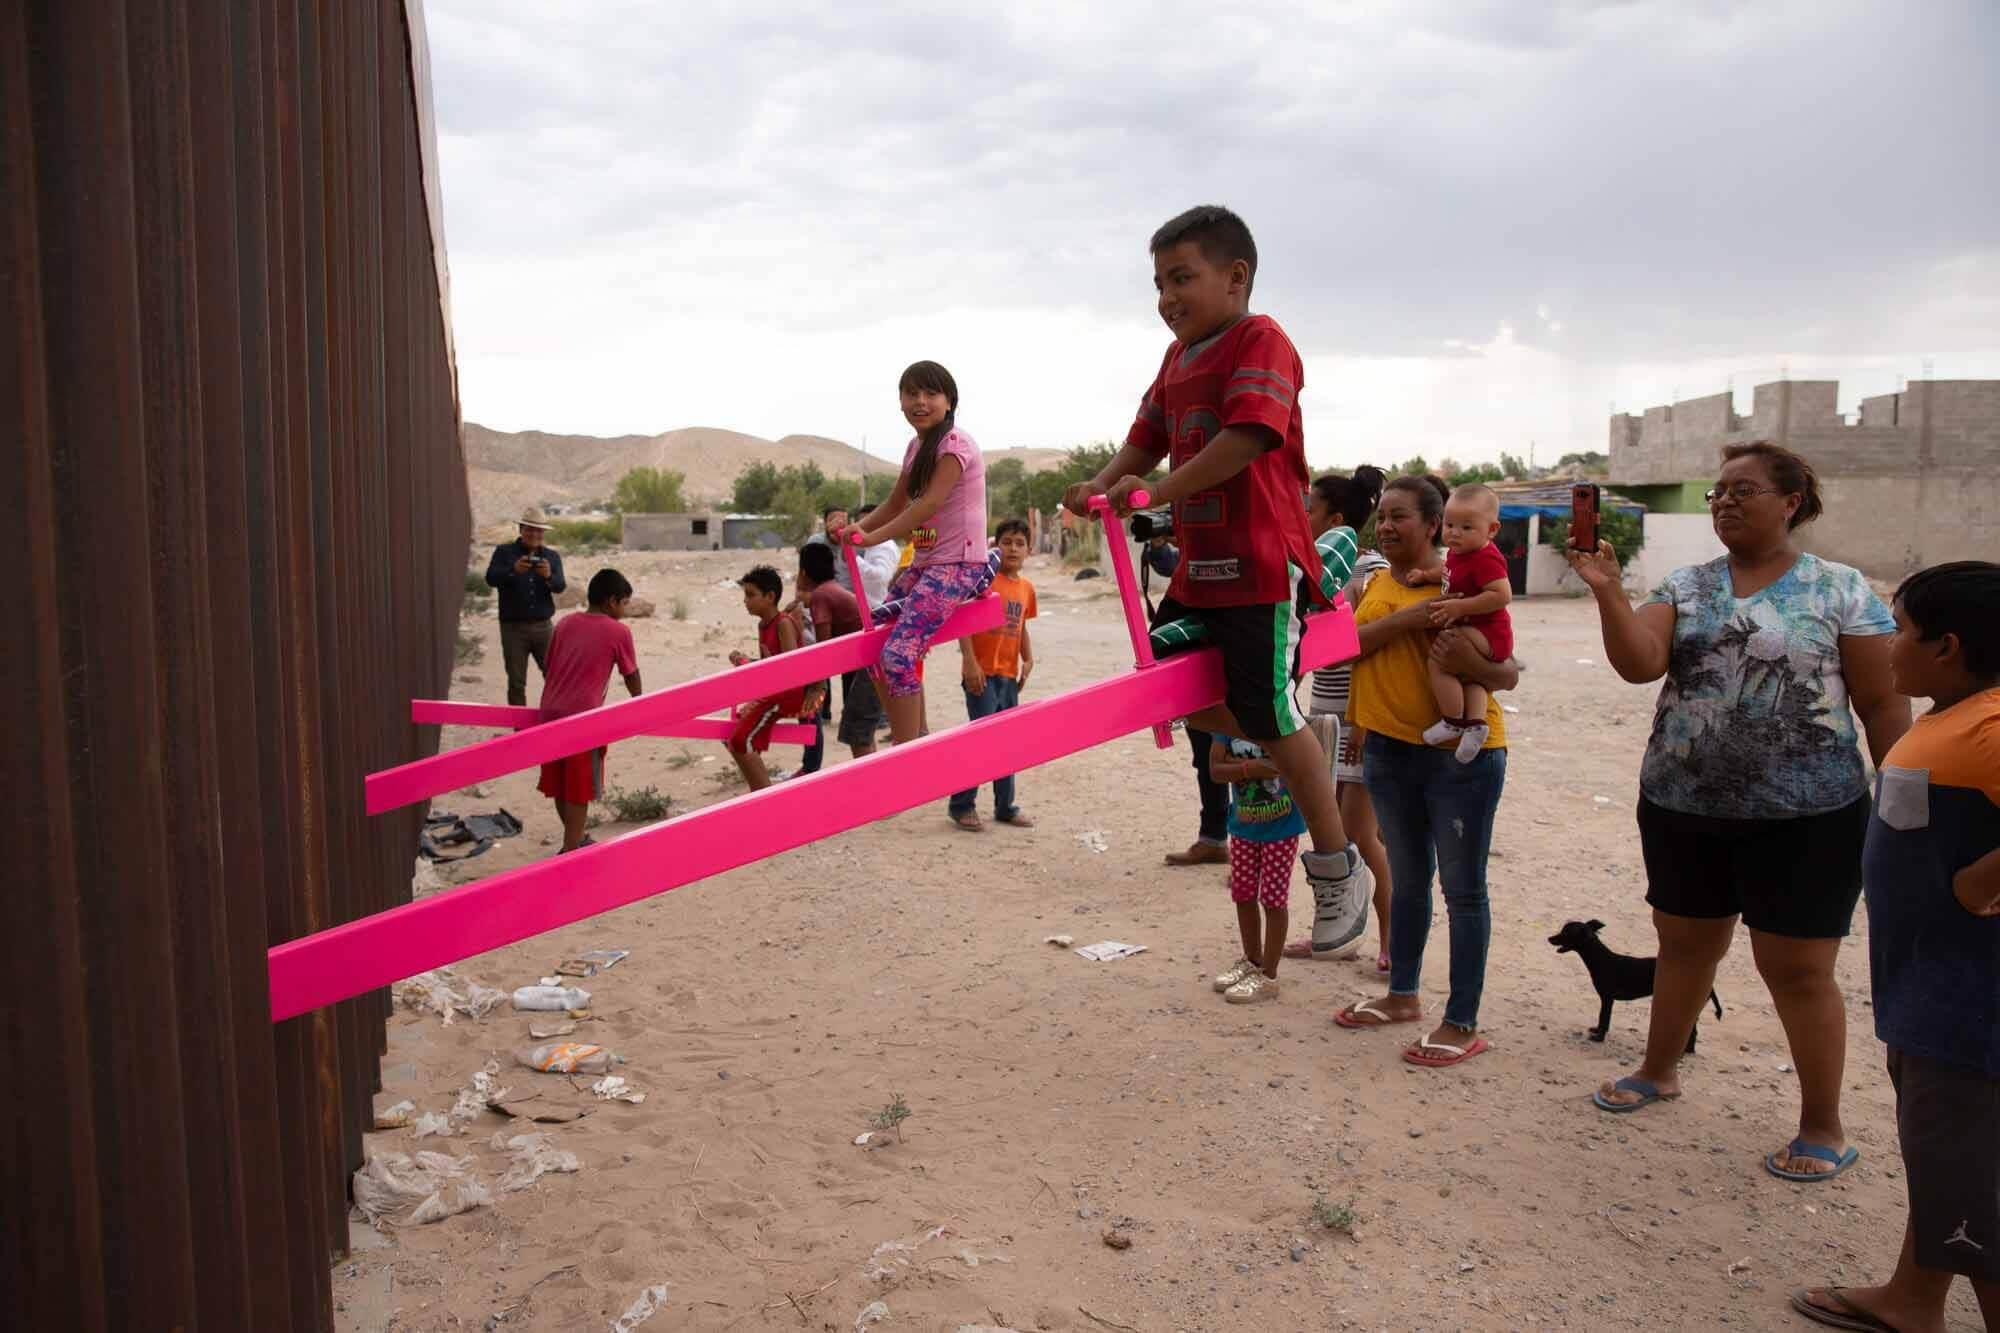 История, общественное пространство и городские интервенции вдоль американо-мексиканской границы